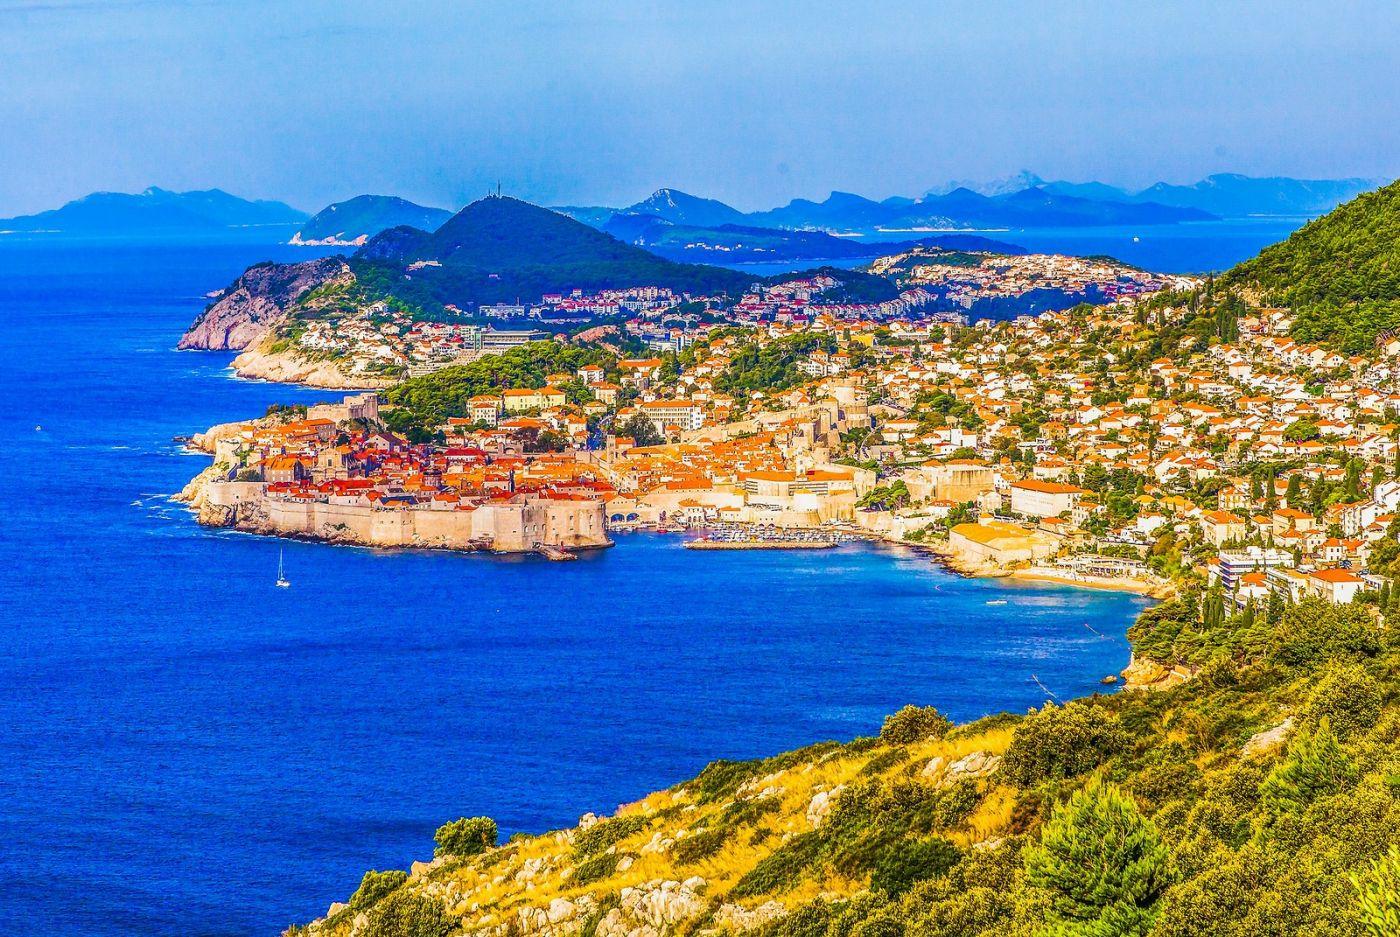 克罗地亚杜布罗夫尼克(Dubrovnik),远眺古城_图1-19